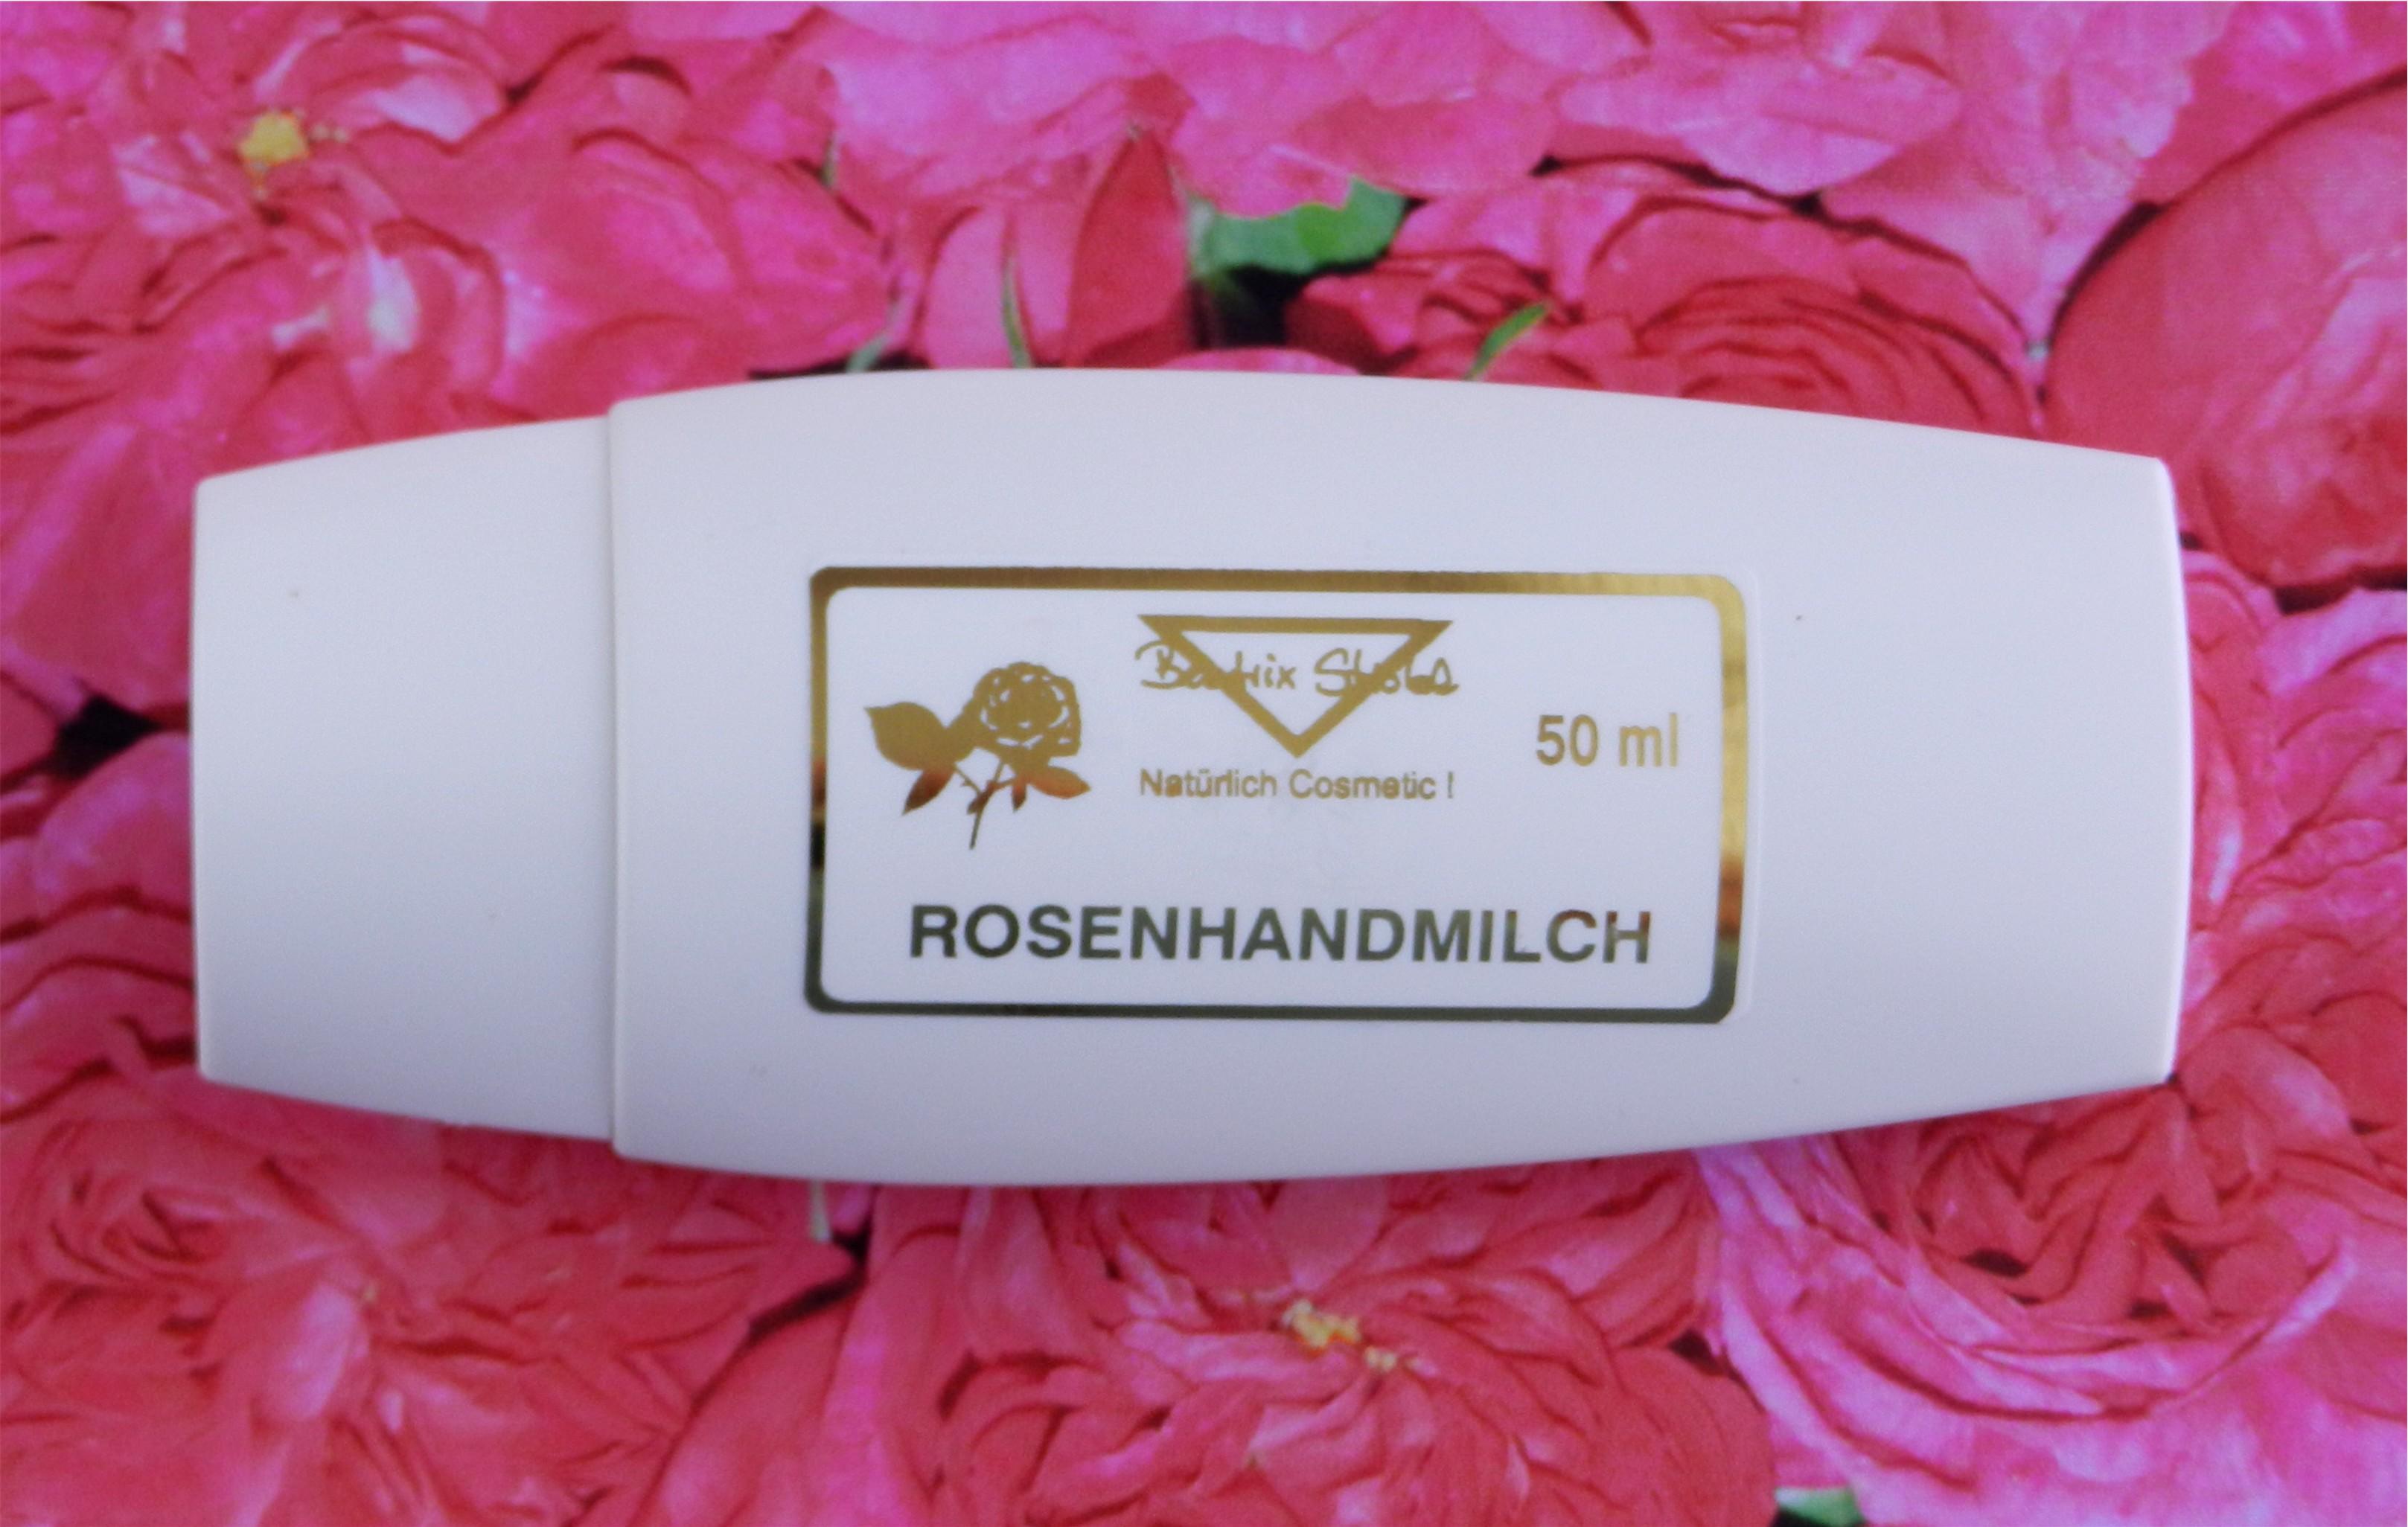 ROSEN-HANDMILCH